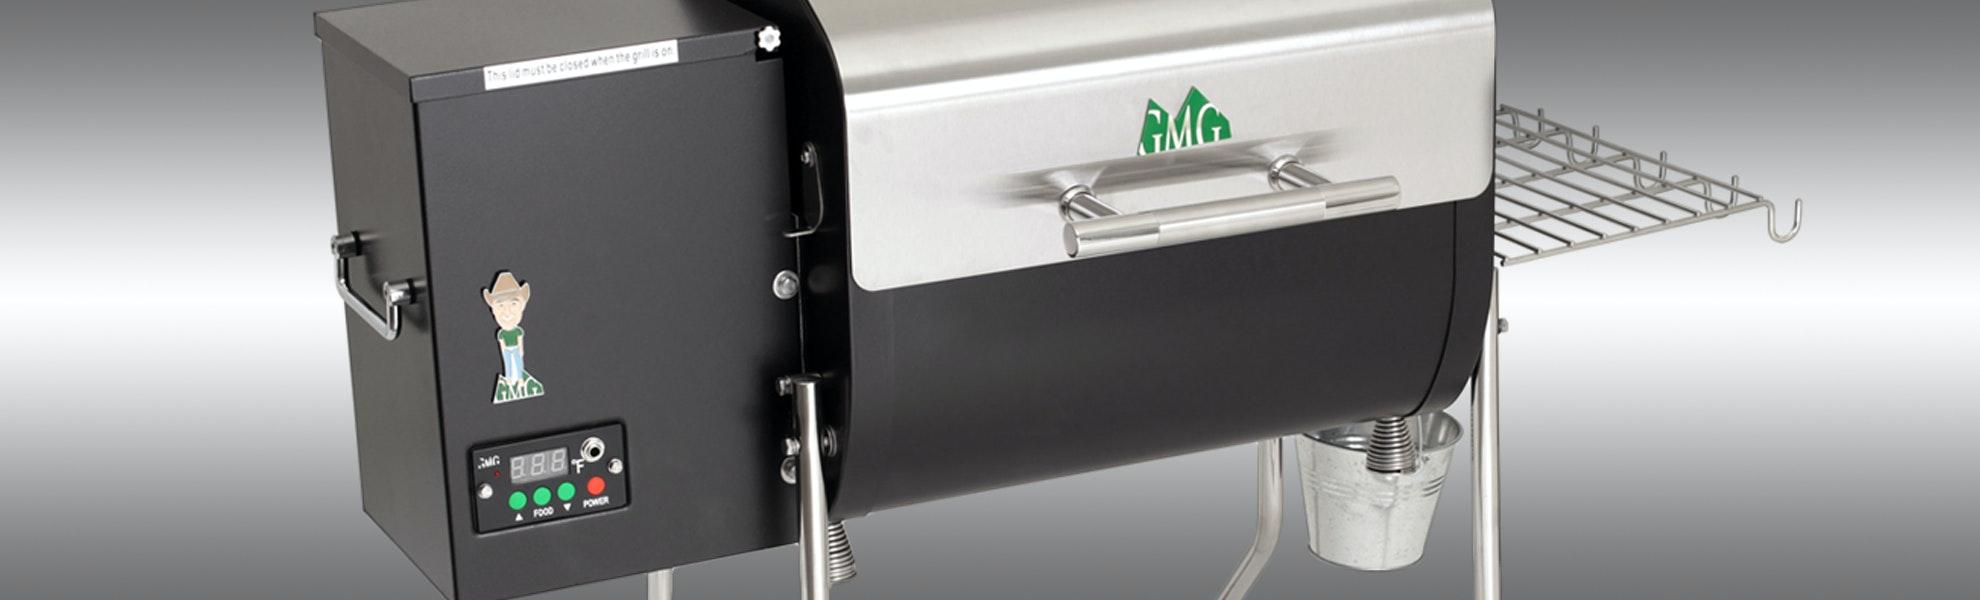 Davy Crockett Wi-Fi Grill Bundle